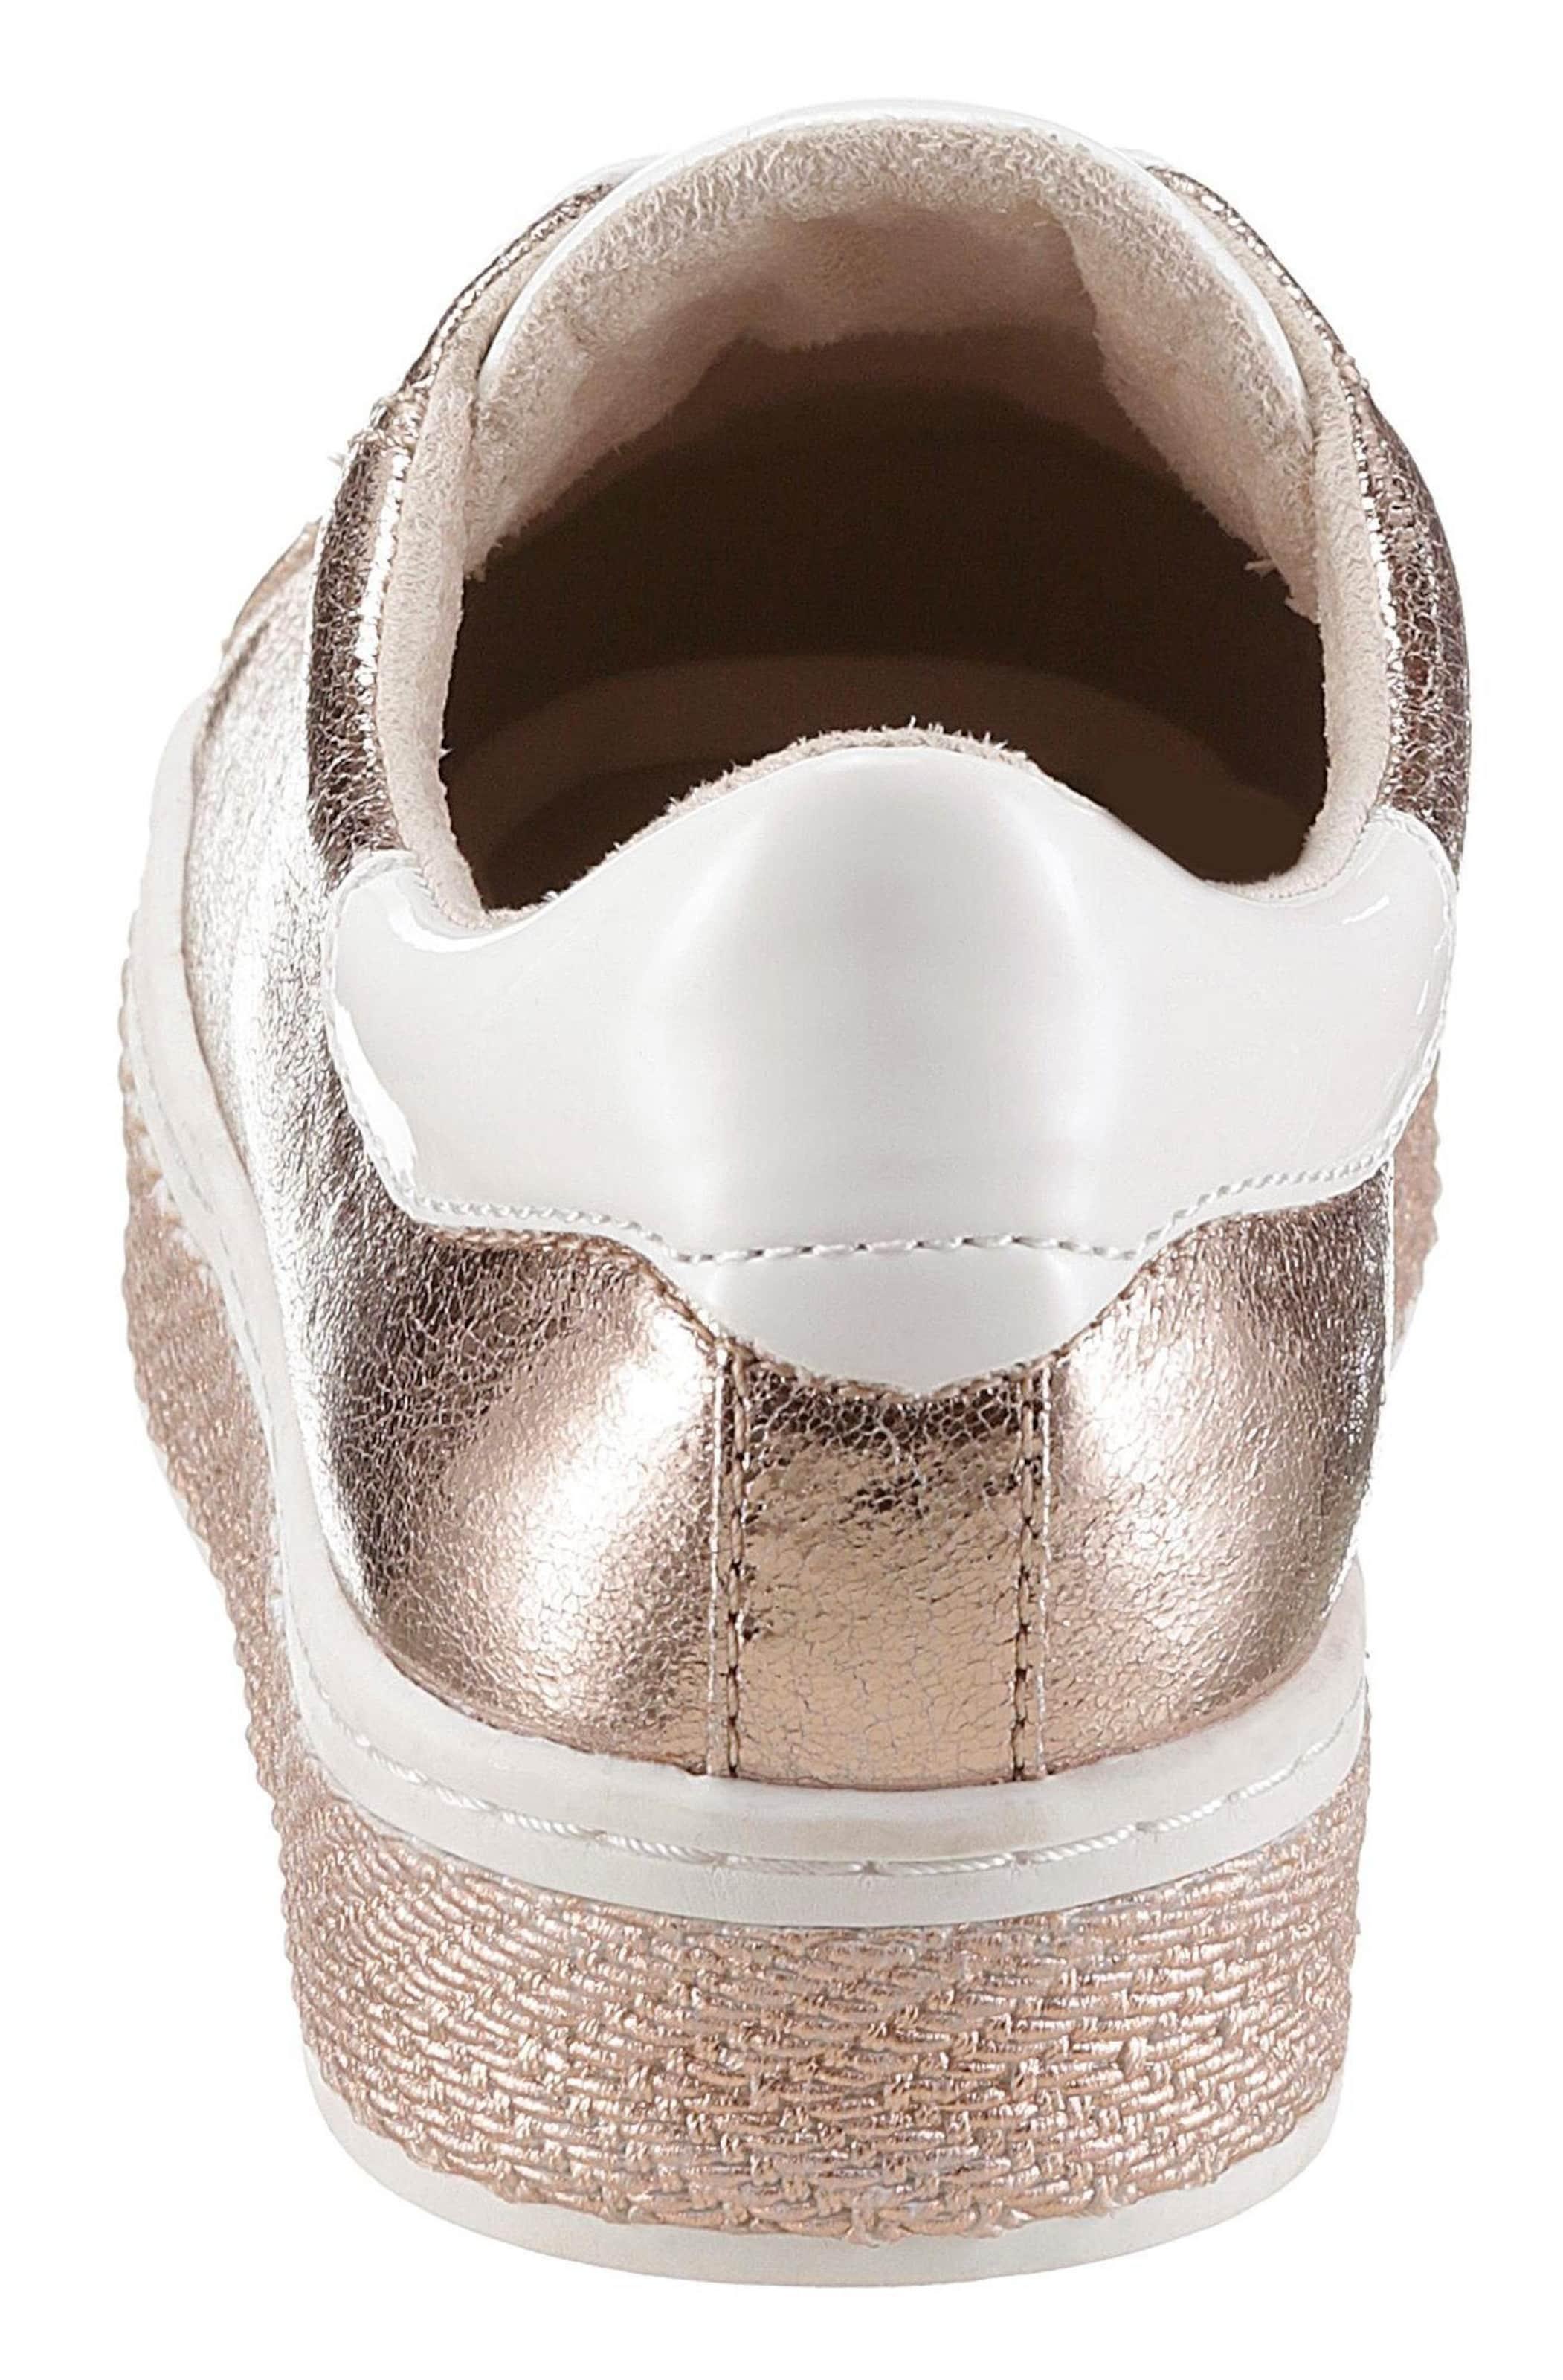 Sneaker S BronzeRosegold S S oliver In oliver oliver Sneaker In BronzeRosegold YDWEH29I